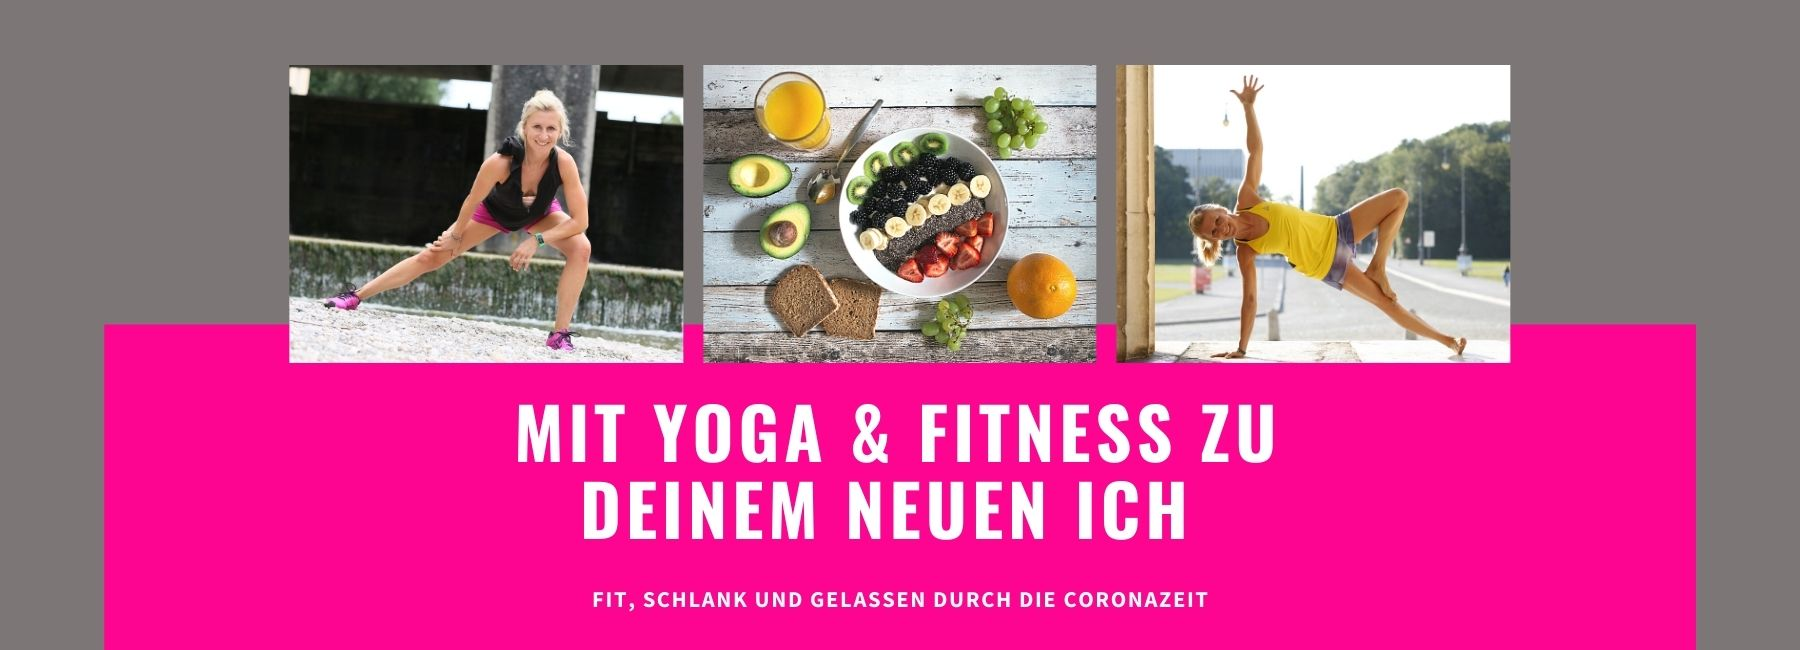 mit yoga & fitness durch coronazeit